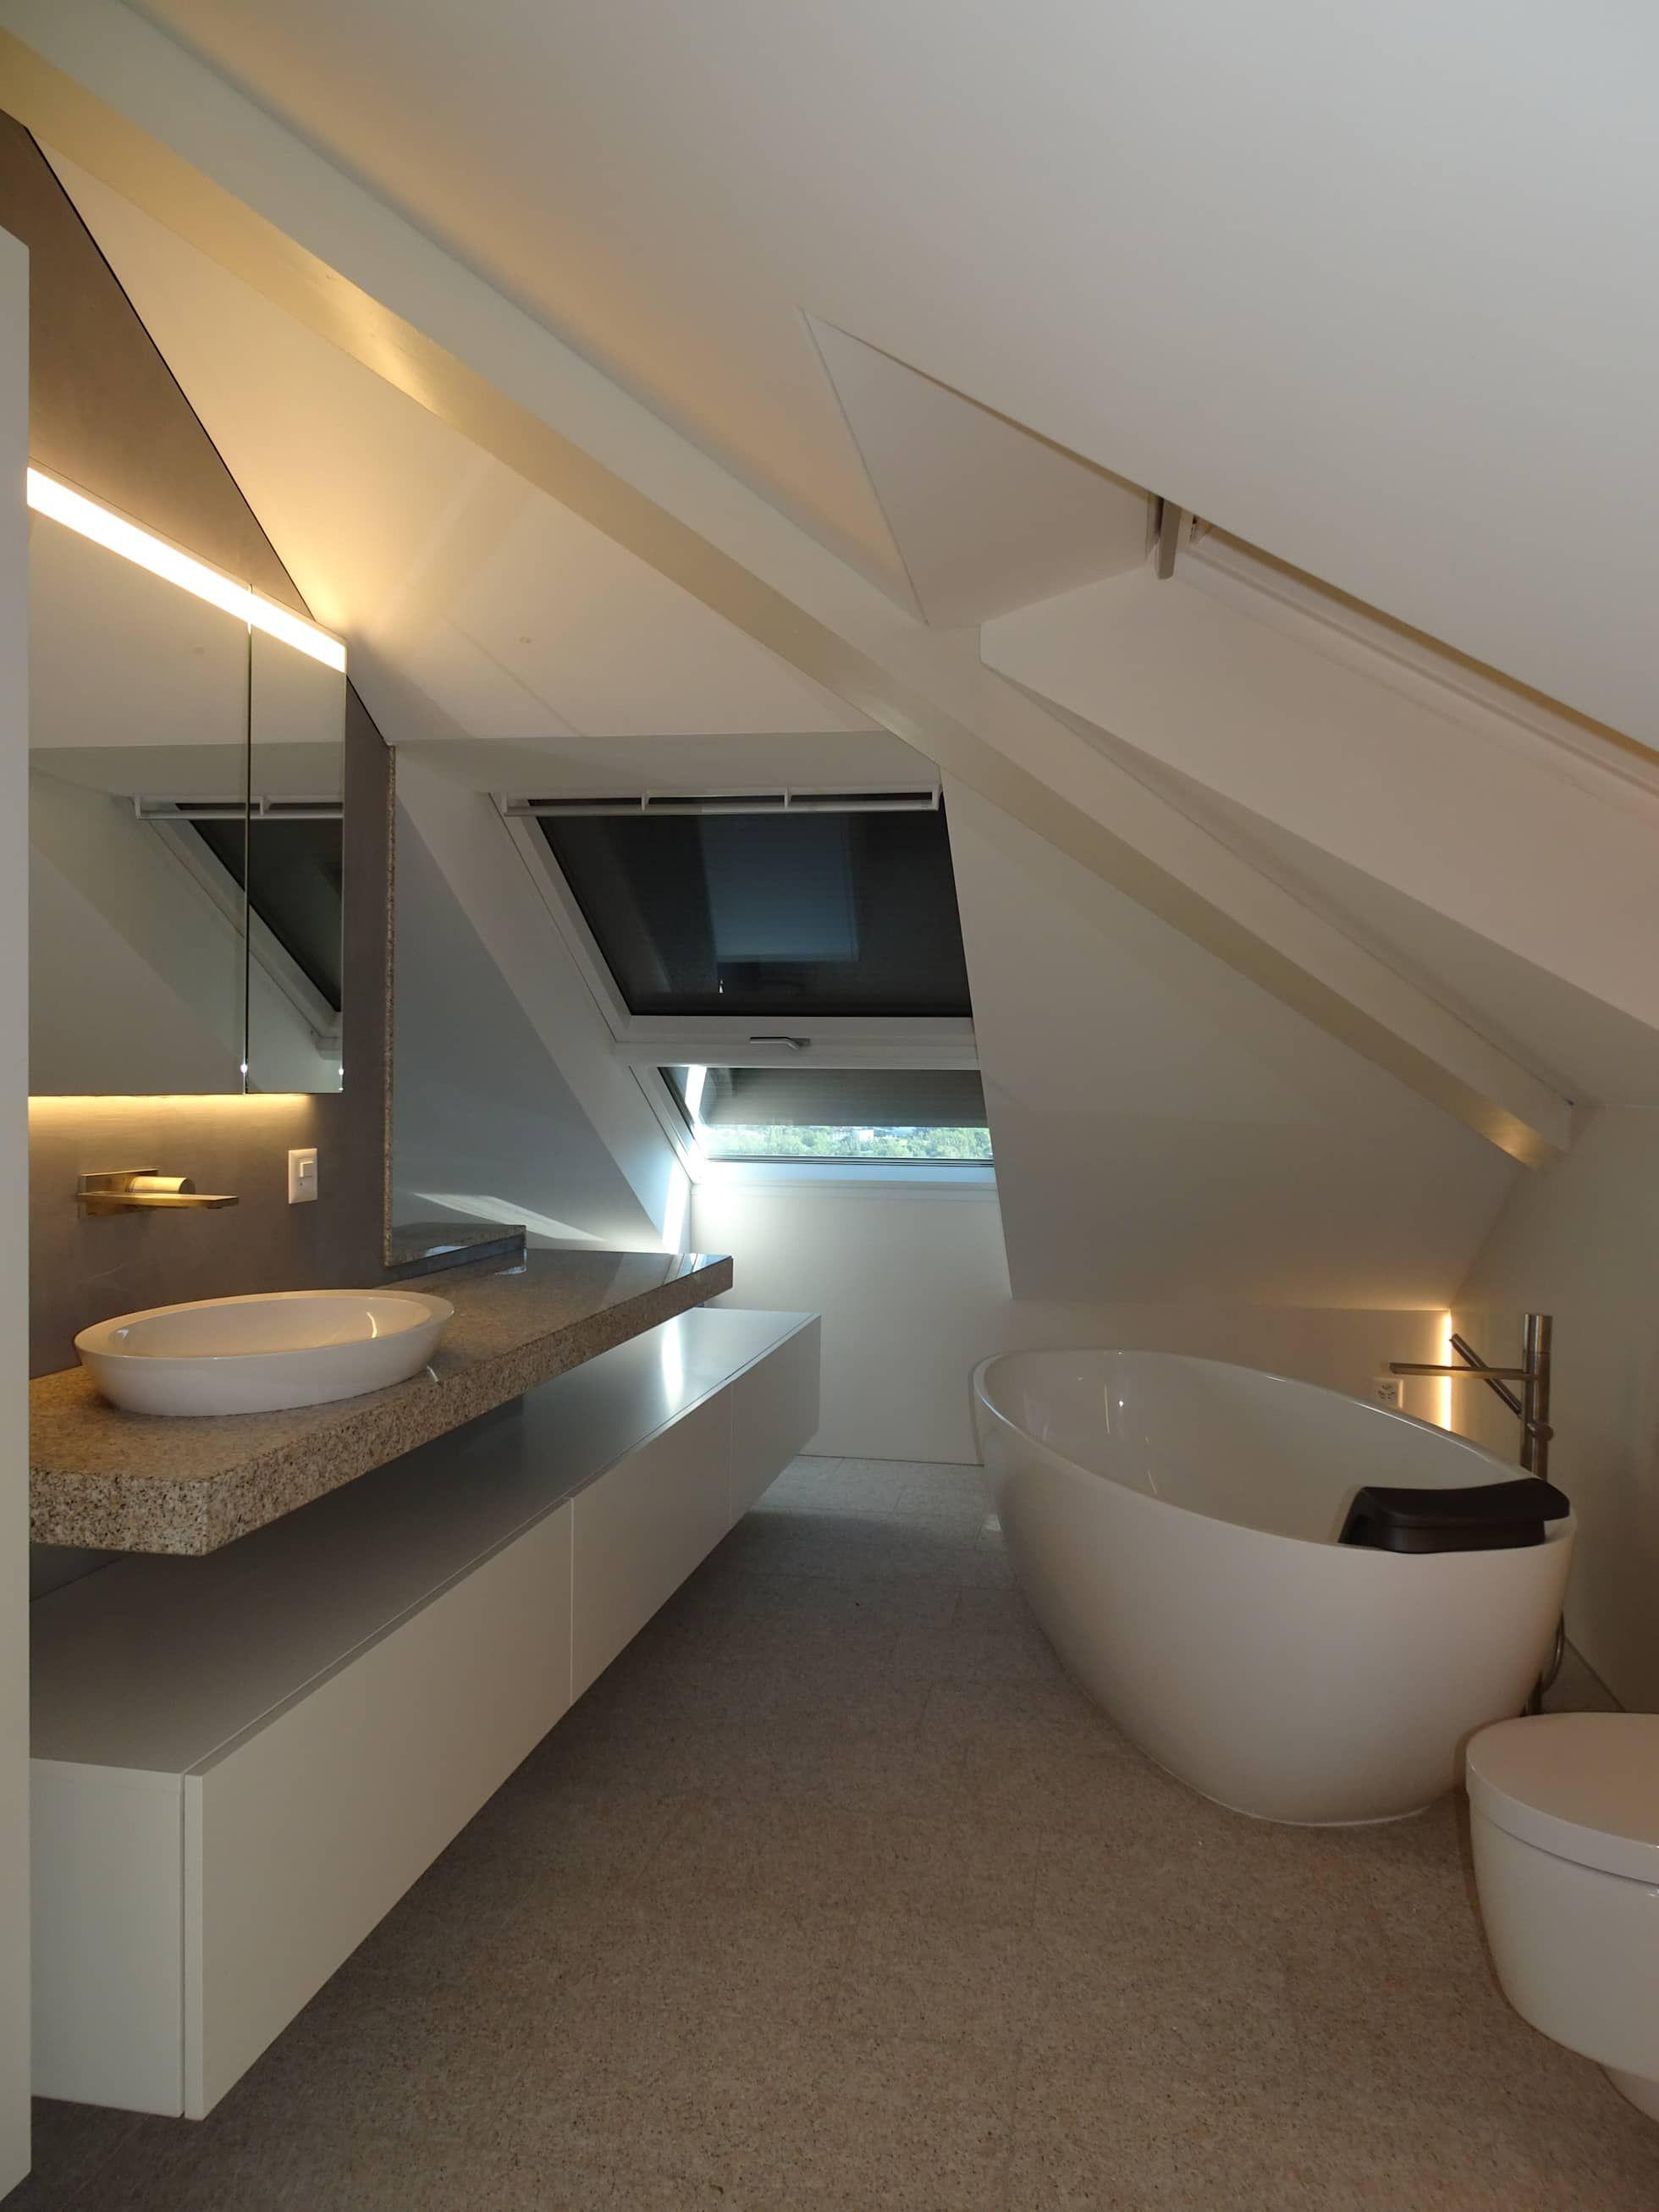 Dachausbau mit badezimmer und schlafzimmer: badezimmer von adriano@kraenzlin.com,modern #beautifularchitecture